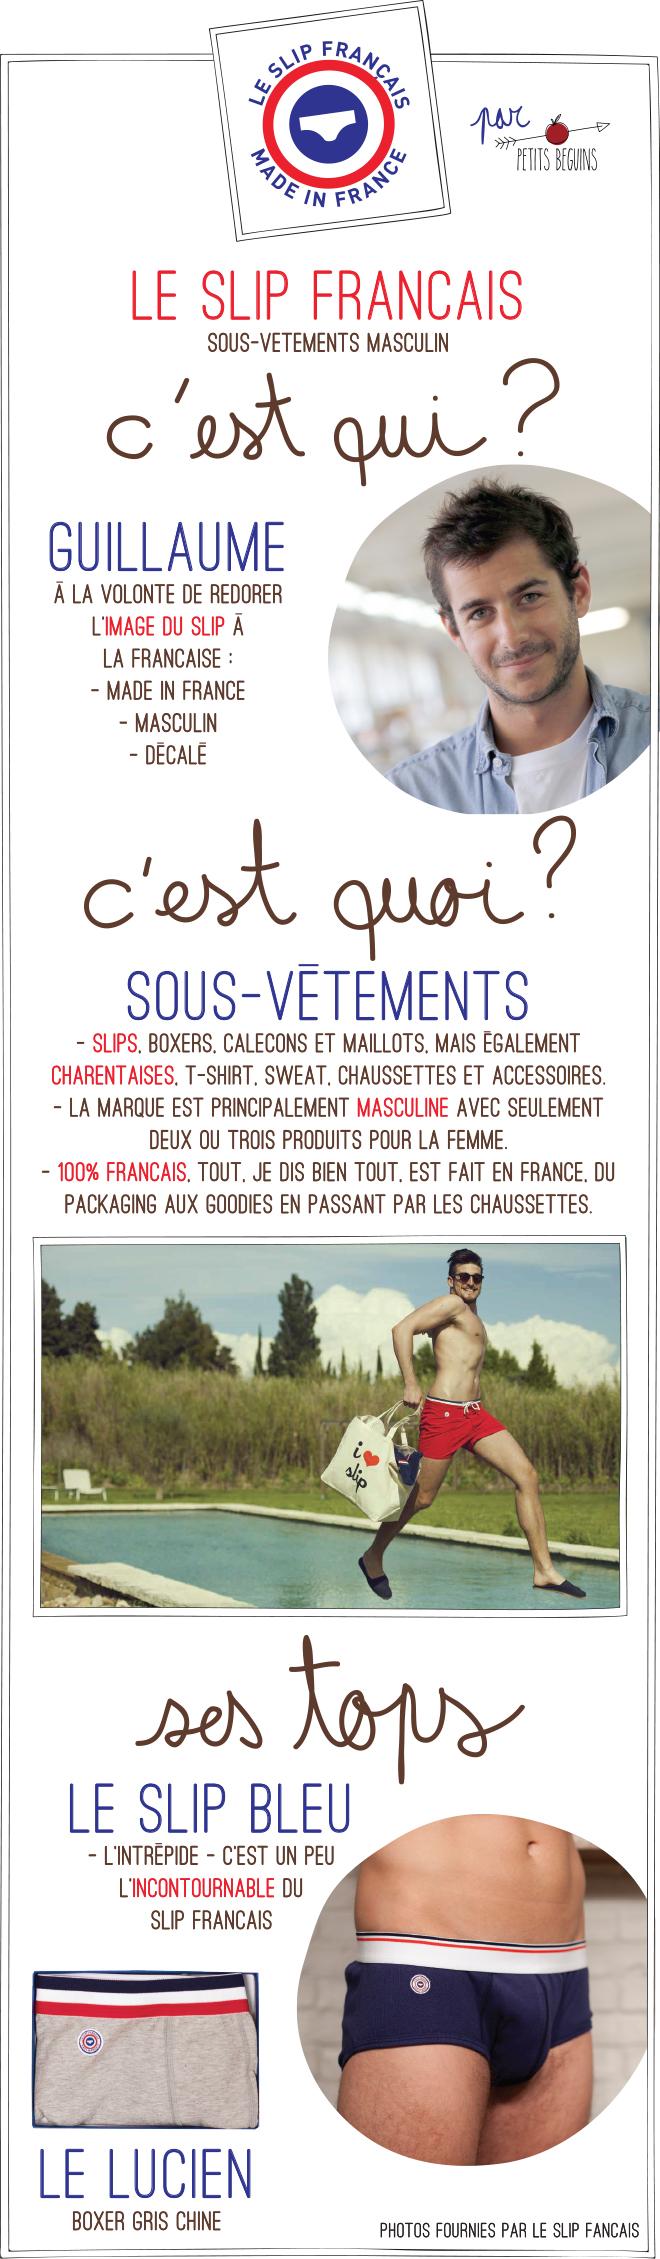 Le Slip Français - Cadeaux fête des pères - Petits Béguins